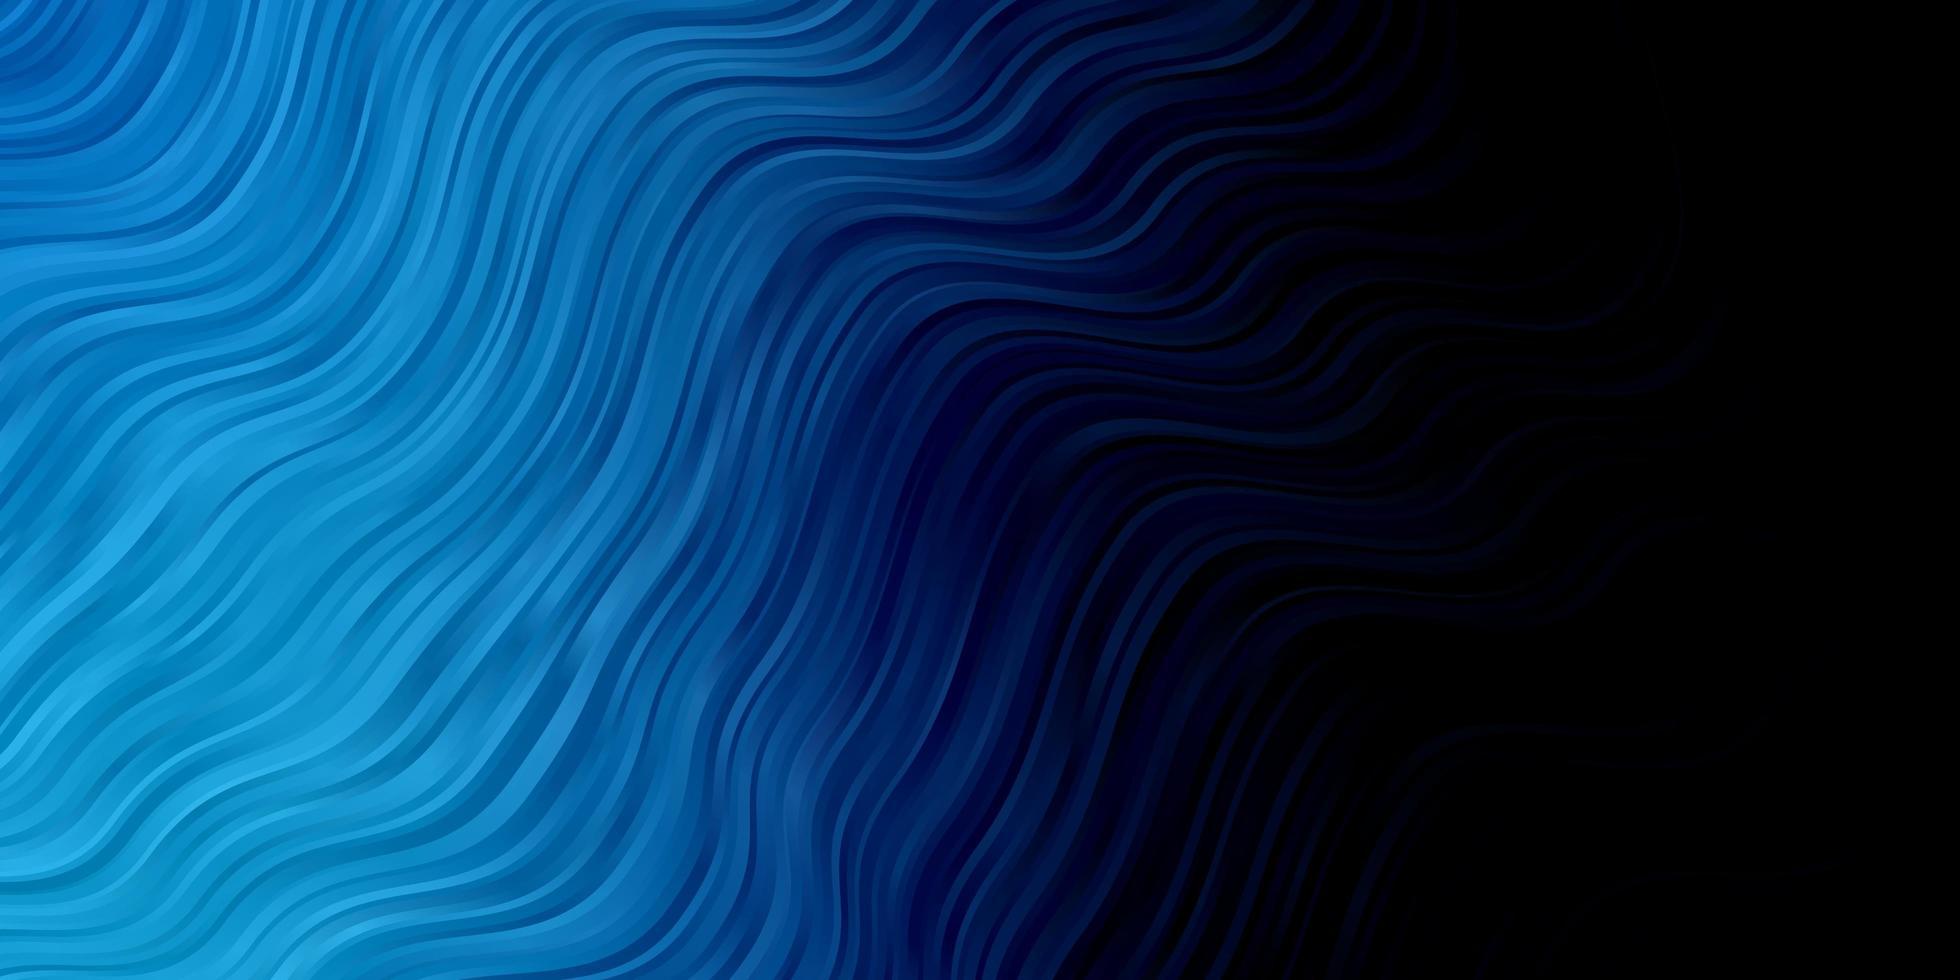 diseño de vector azul oscuro con líneas torcidas.